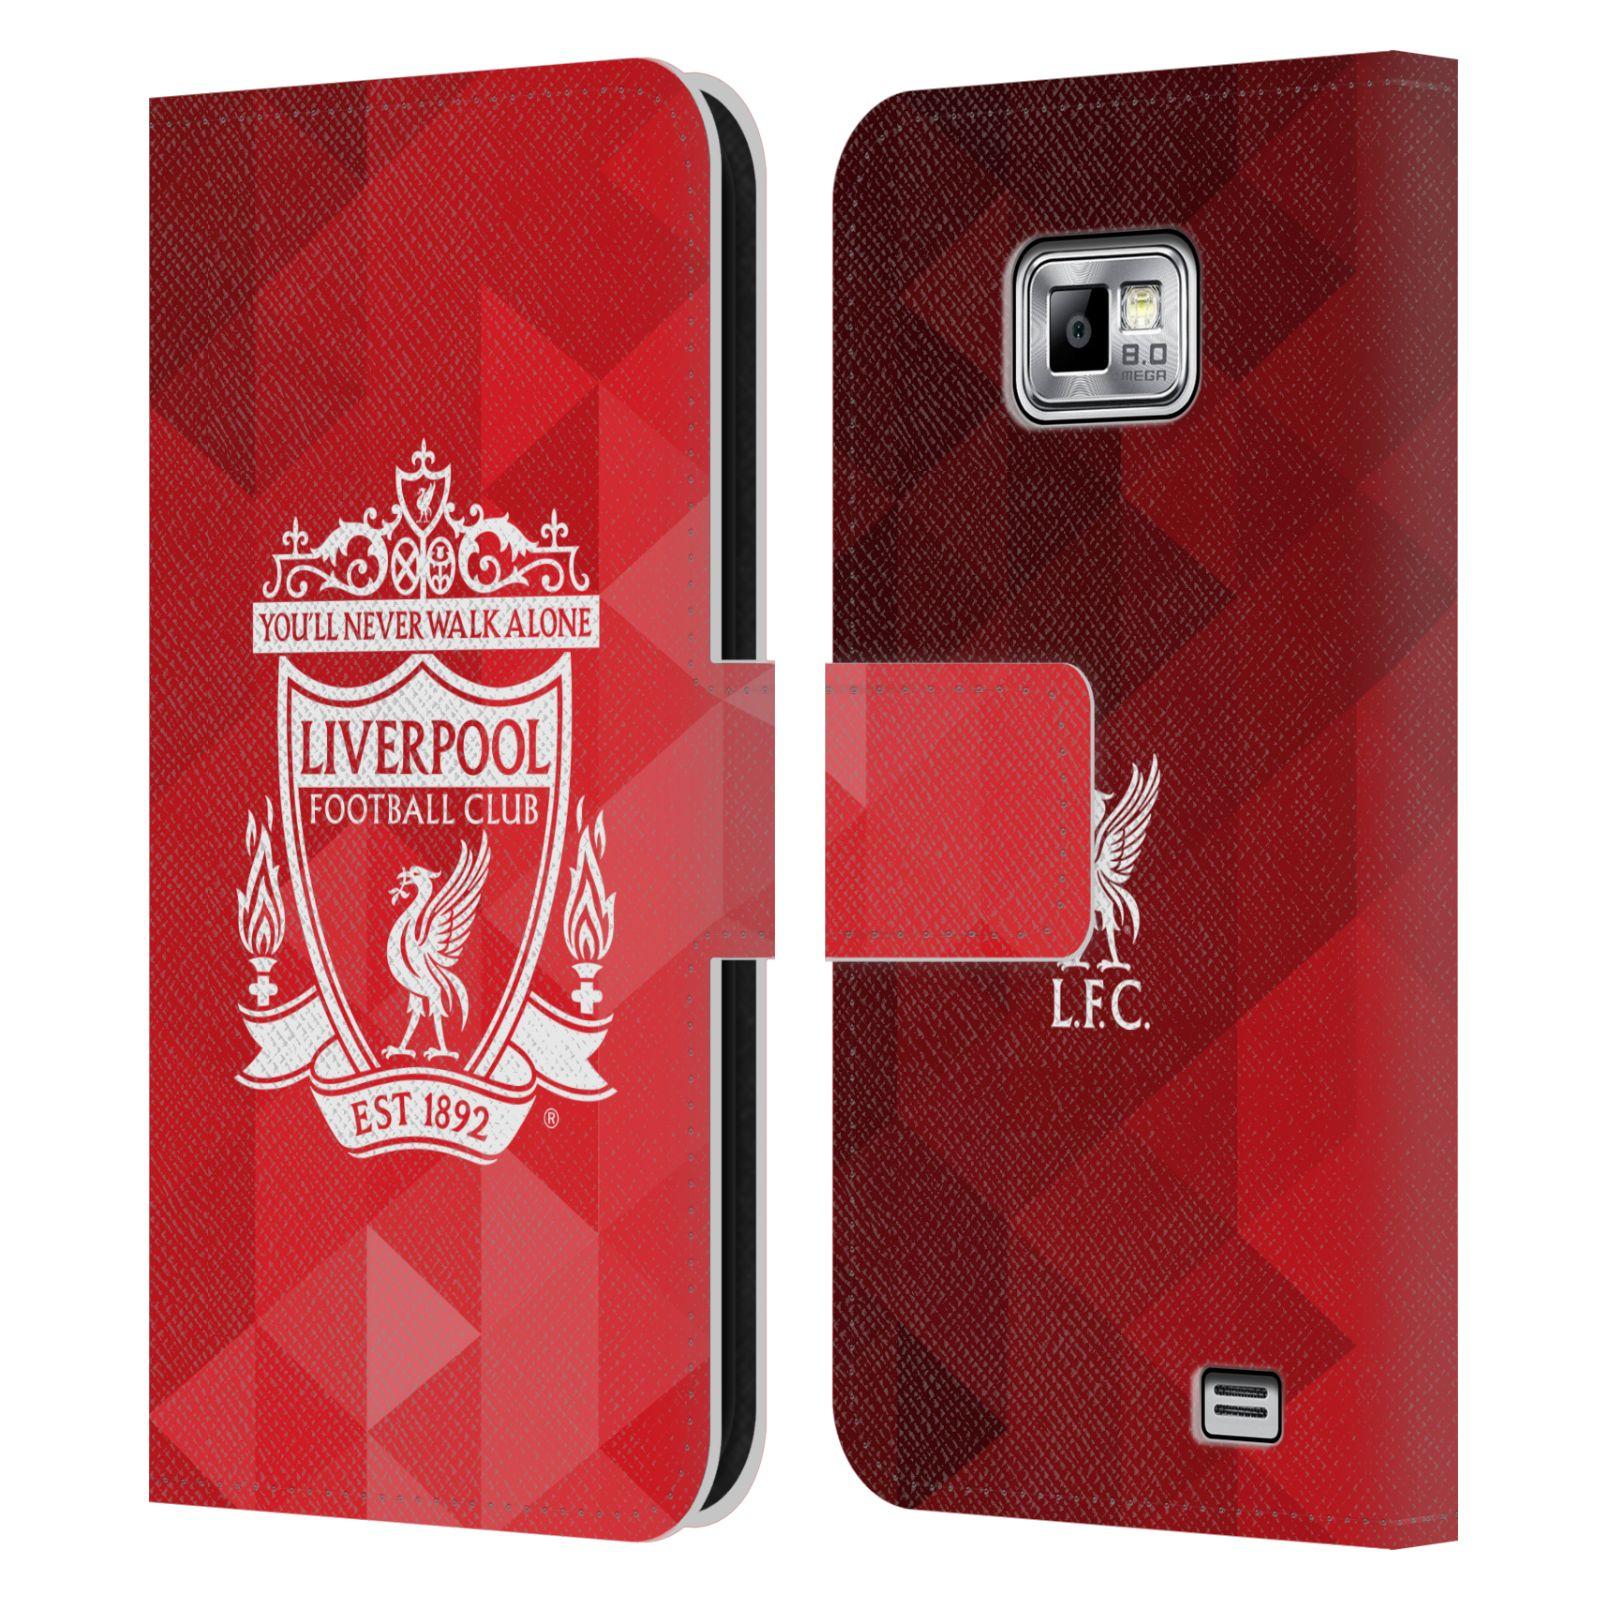 HEAD CASE Flipové pouzdro pro mobil Samsung Galaxy S2 i9100 LIVERPOOL FC OFICIÁLNÍ ZNAK kostky bílý znak na červené